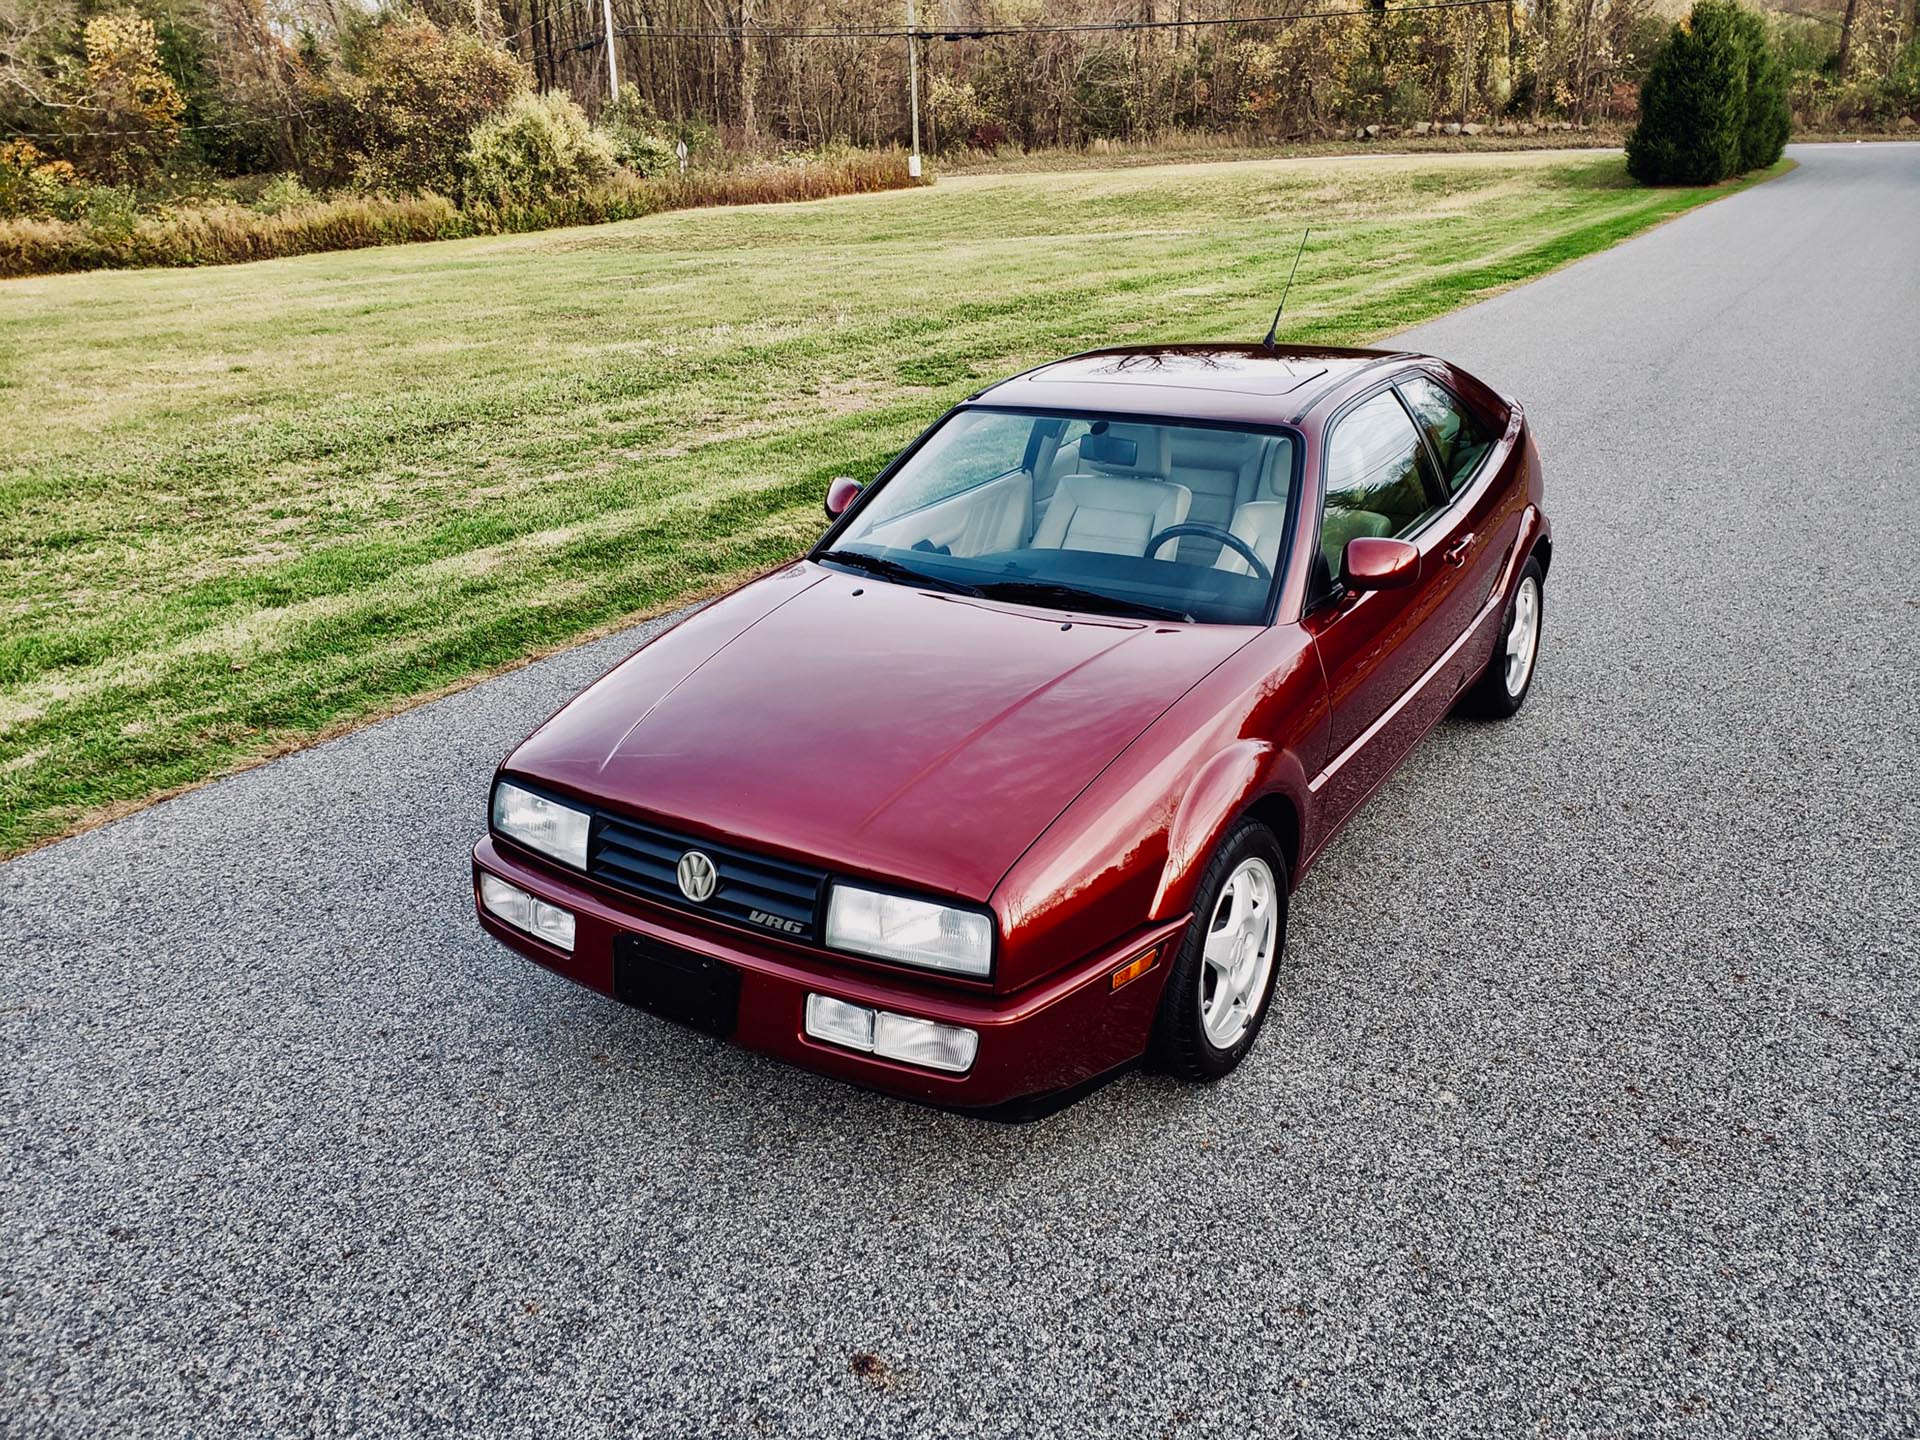 Volkswagen Corrado SLC VR6 Front